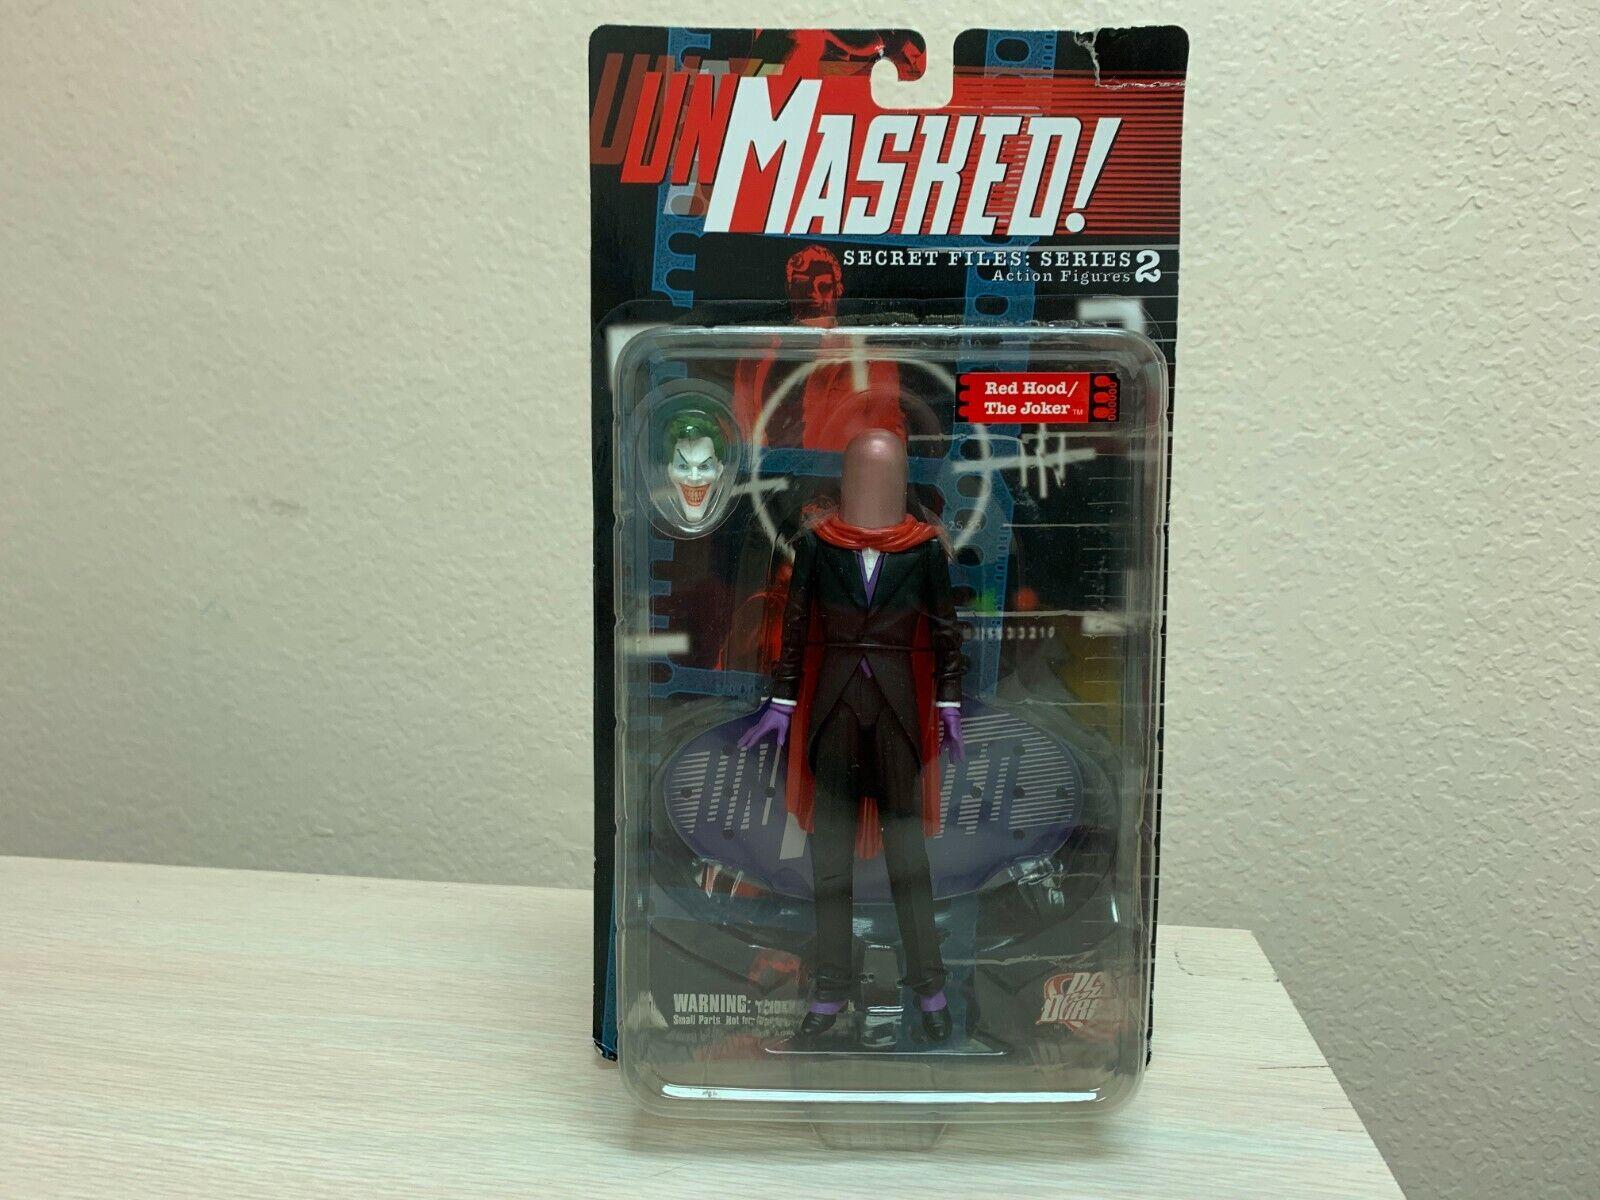 DC Direct Unmasked  Secret Files Series 2 rosso HOOD THE JOKER Sealed